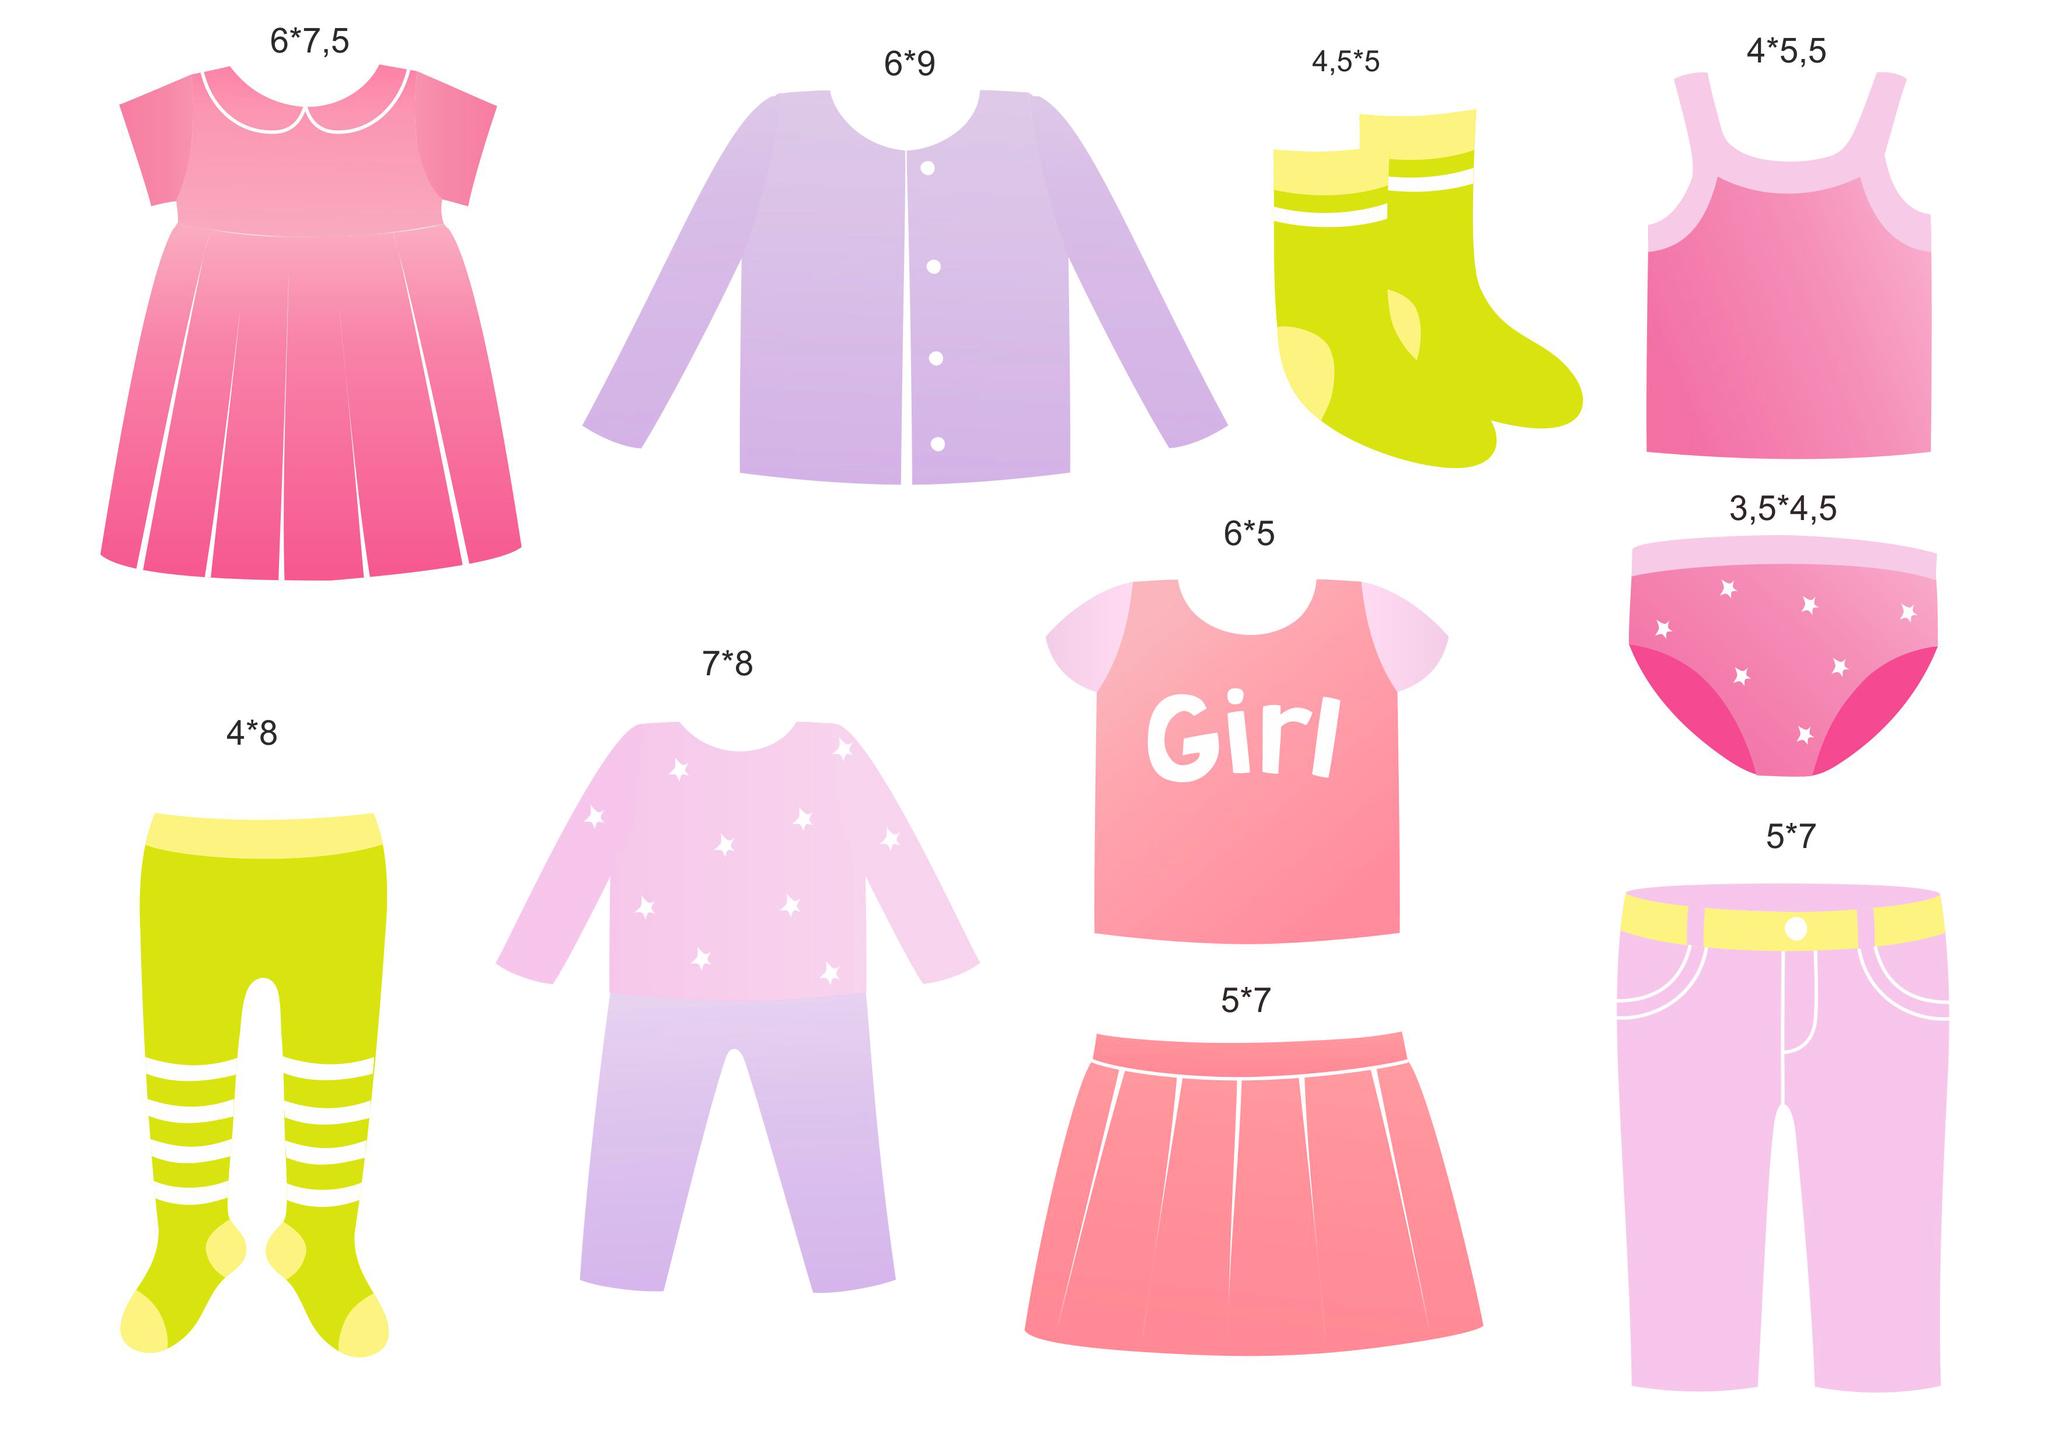 Картинки предметы одежды для мальчиков и девочек, подруги картинки